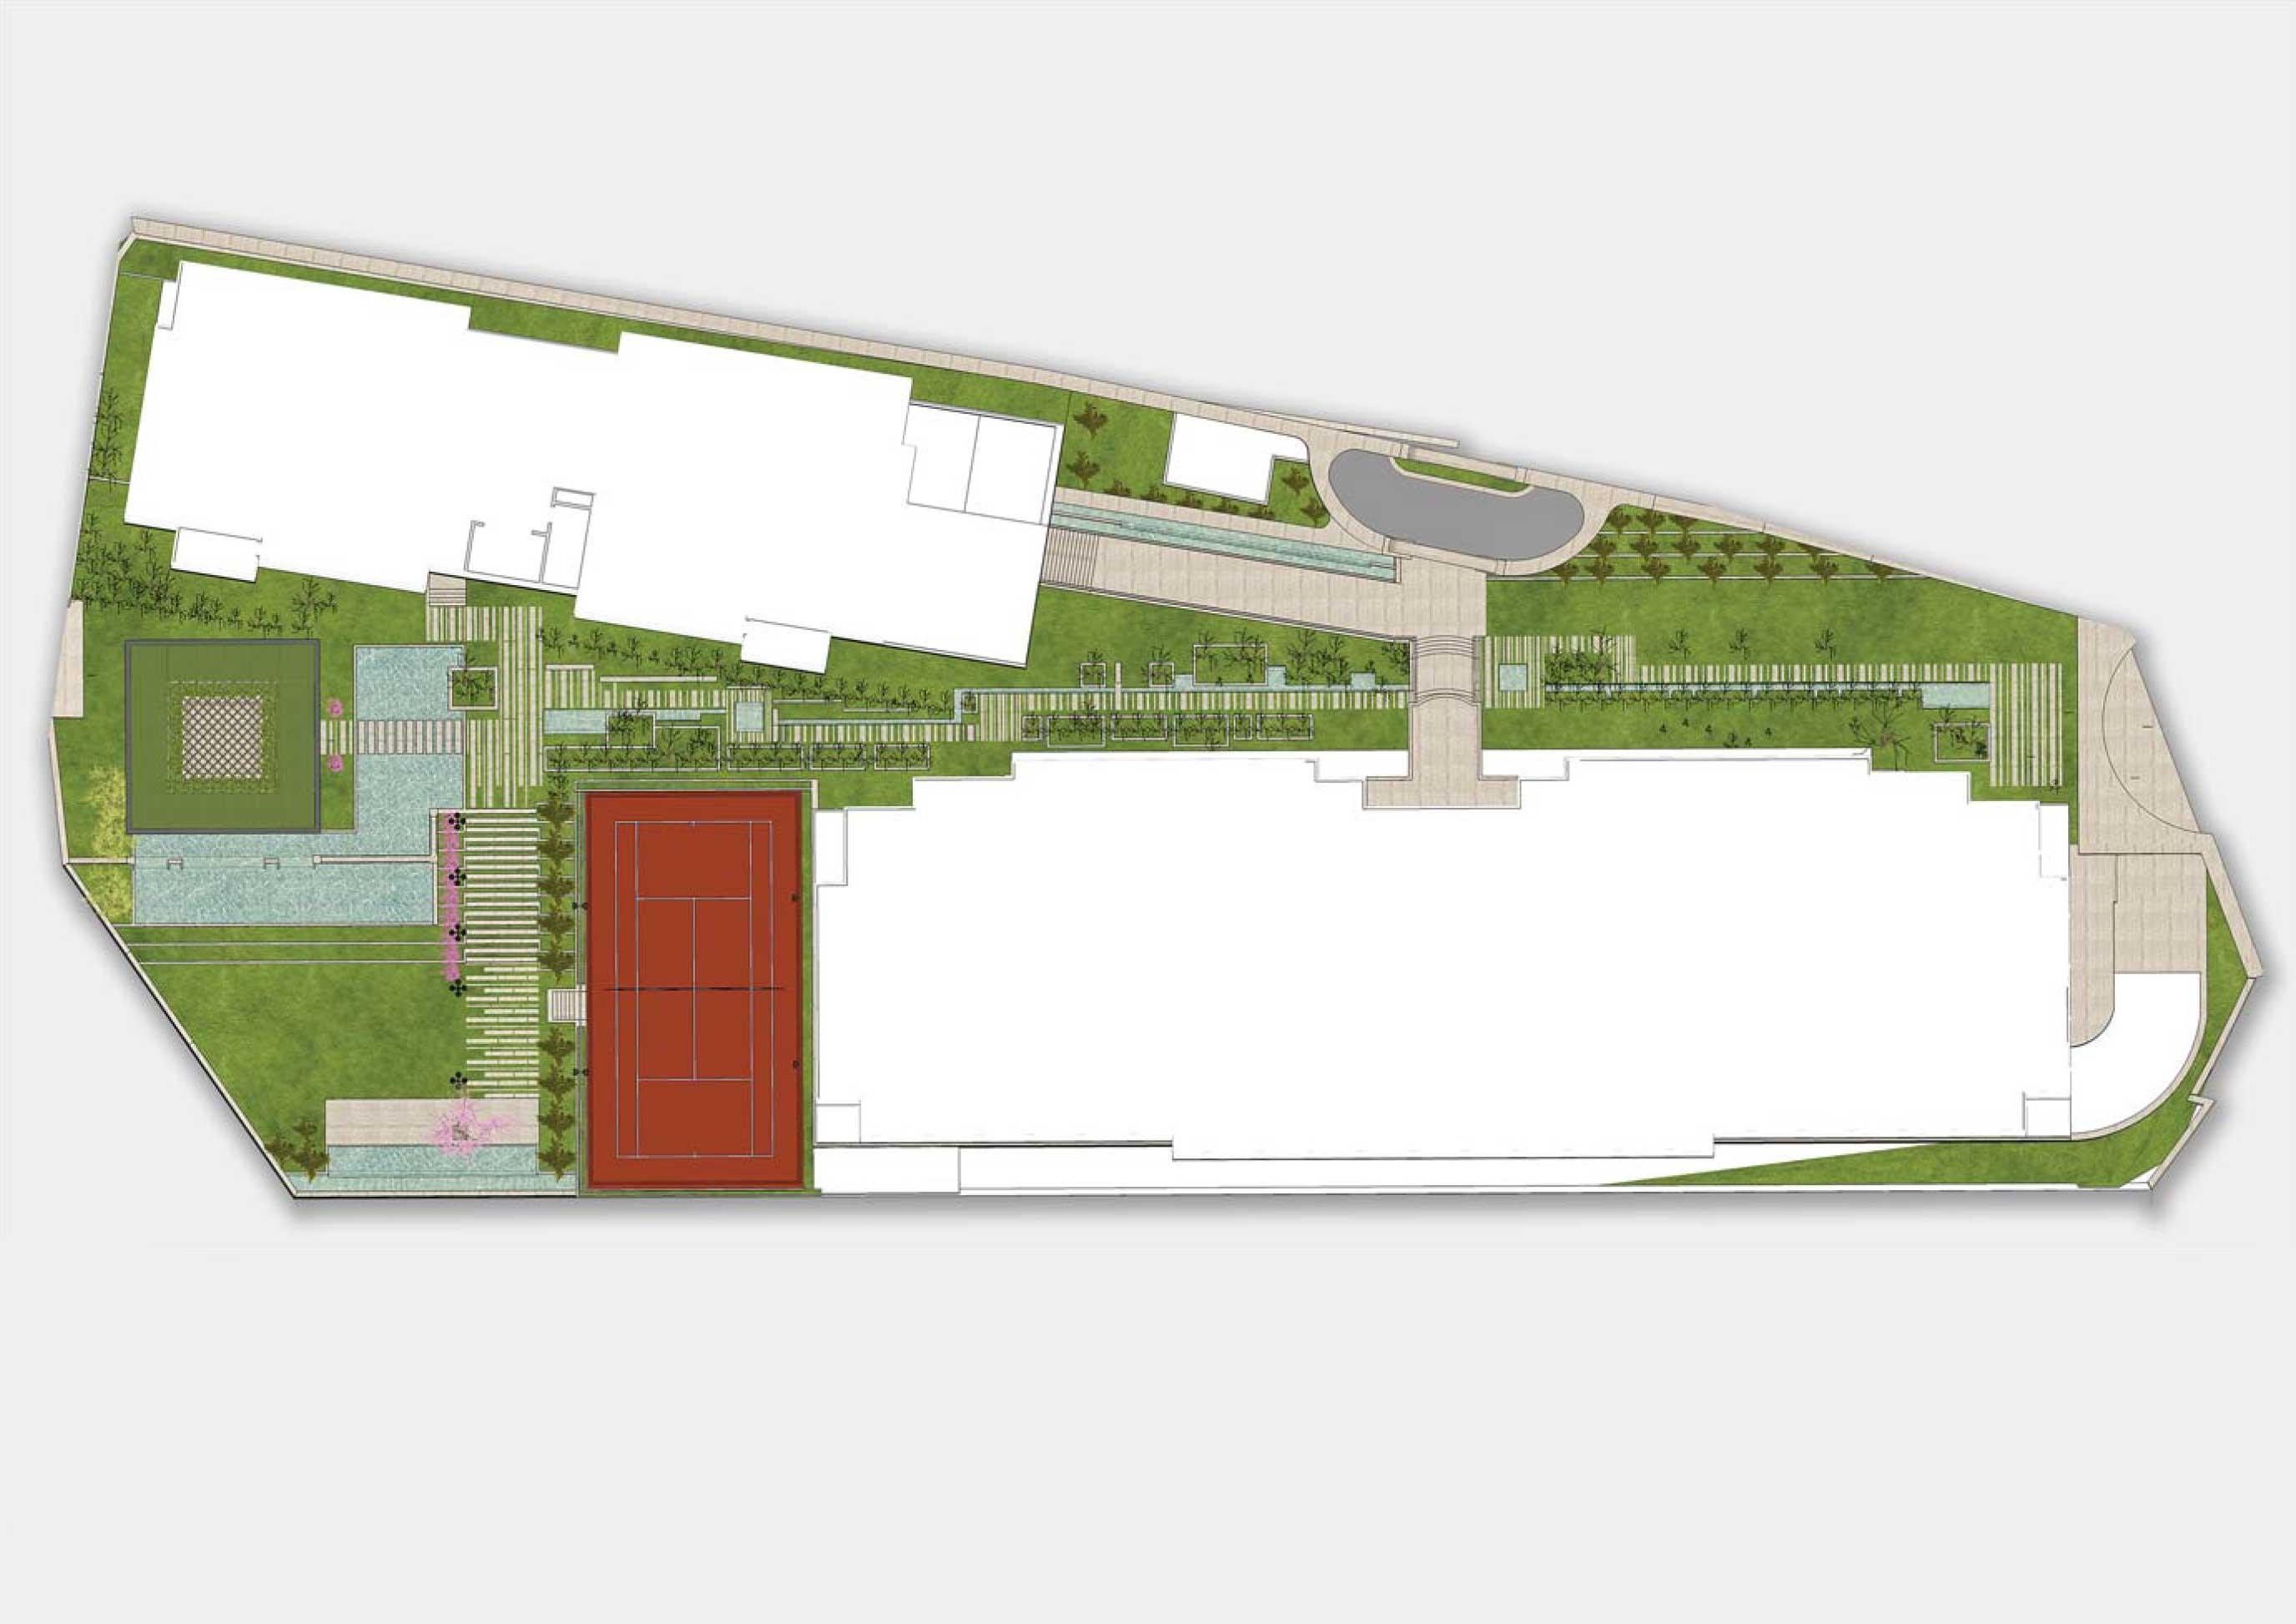 طراحی محوطه و فضای سبز پروژه مسکونی پارک